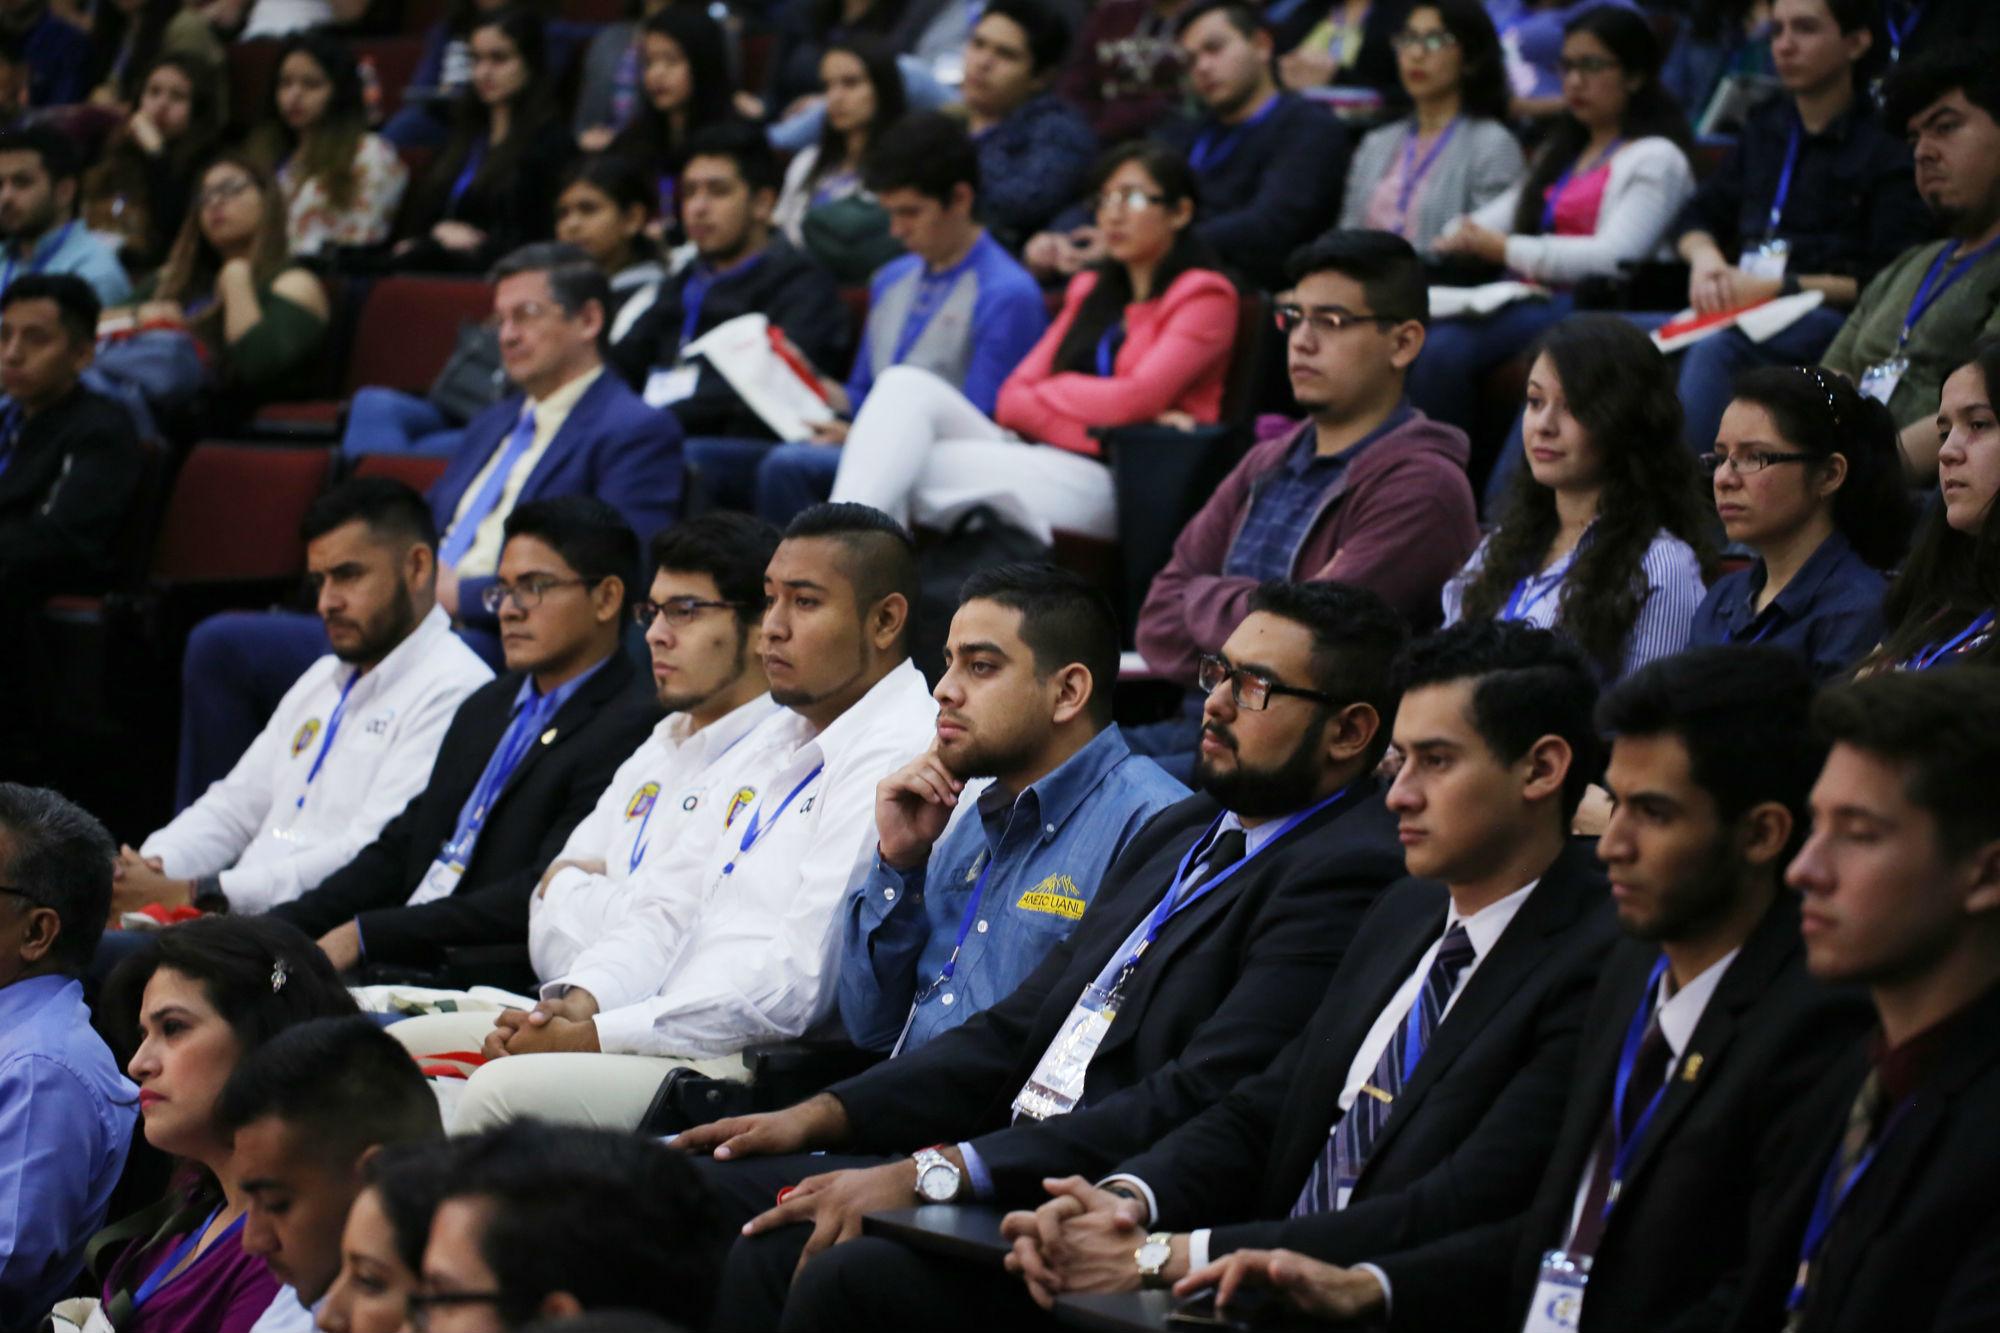 Jóvenes asistentes al encuentro de ingeniería